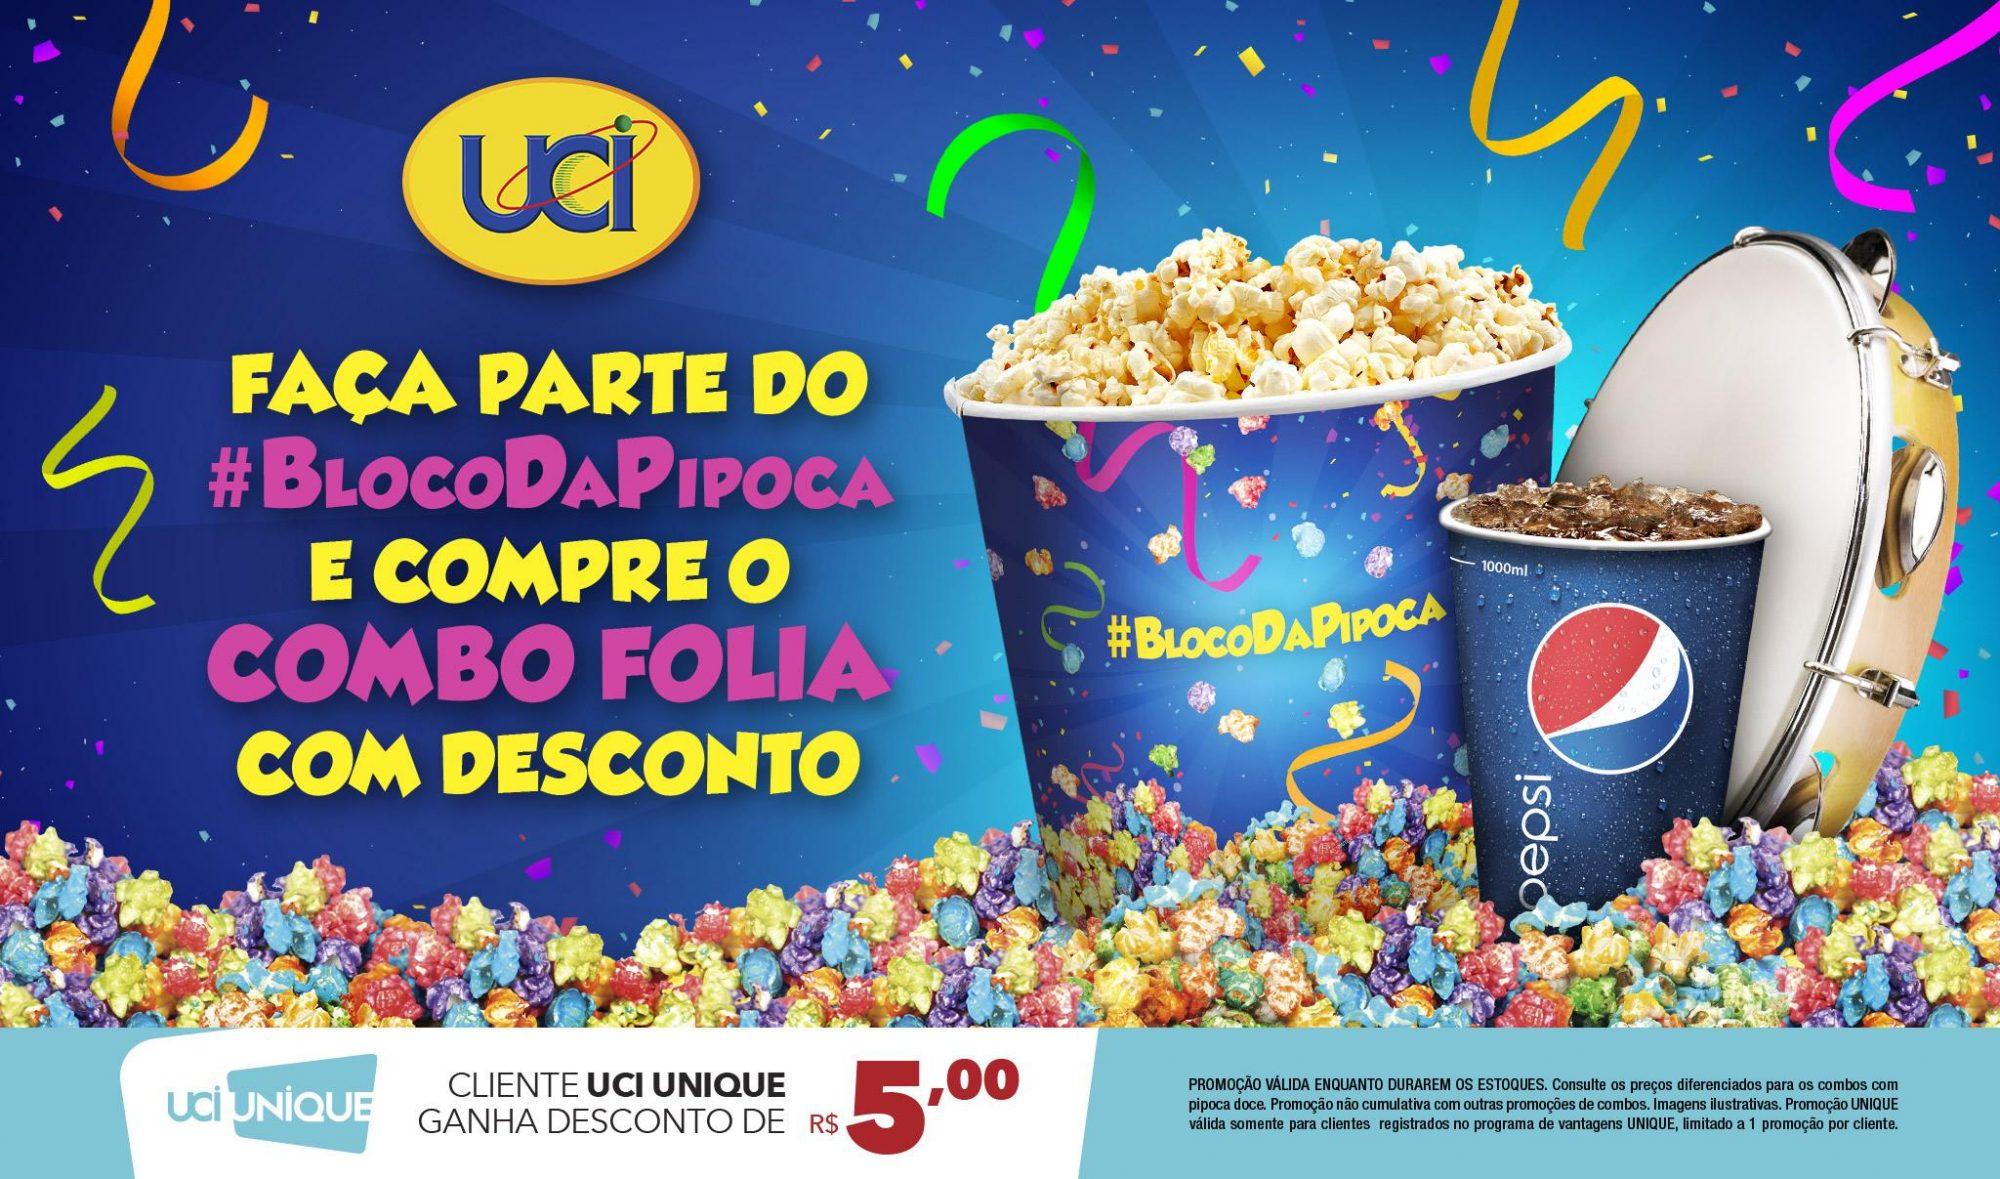 Carnaval invade os cinemas UCI Kinoplex em Recife